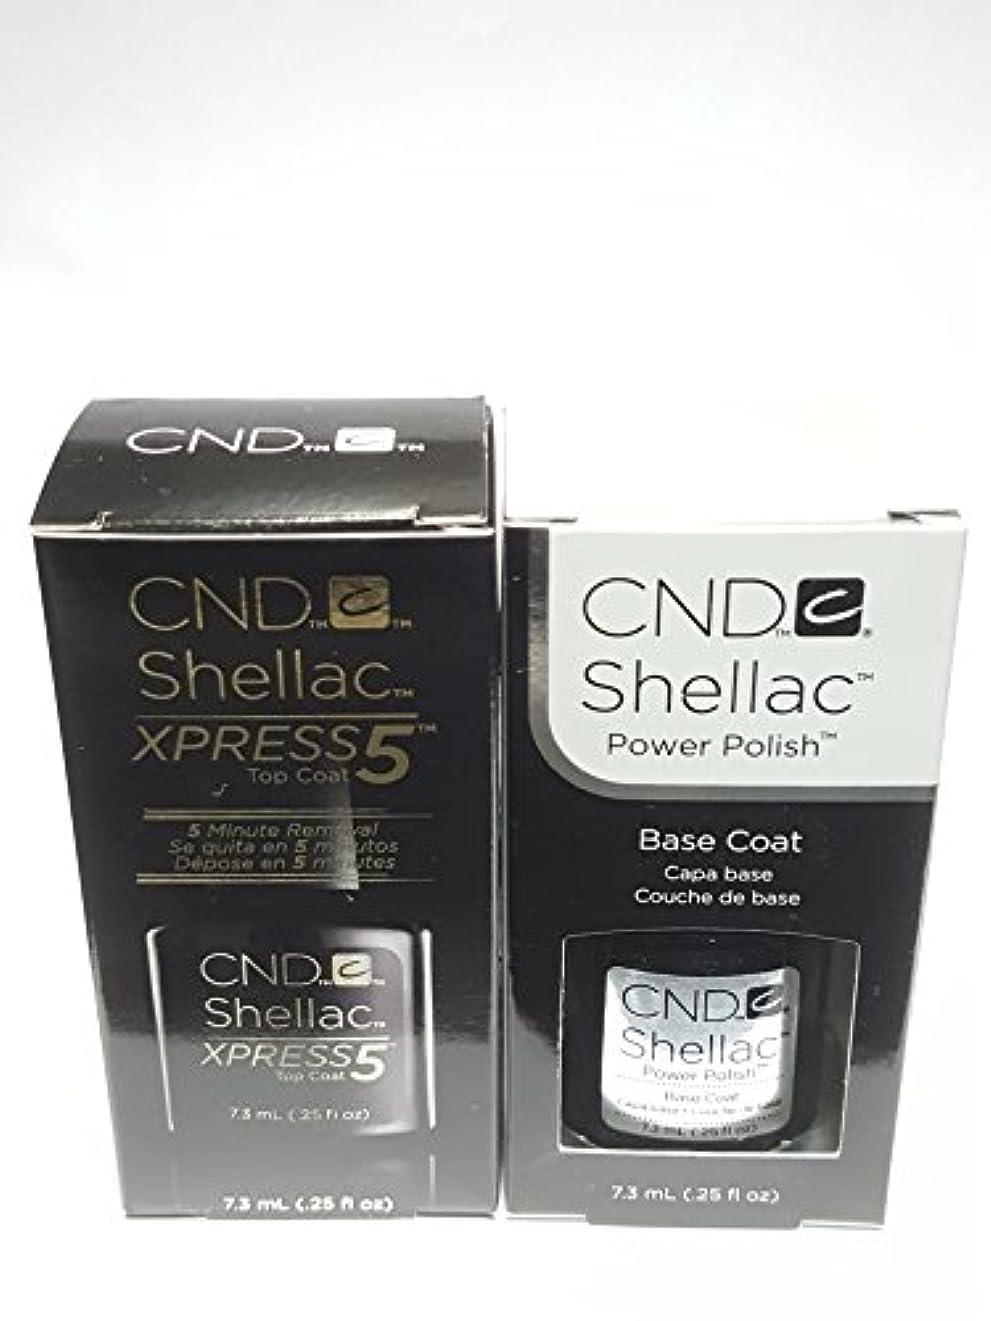 汚いメイエラ平方CND シェラック, 2本セット,パワーポリッシュ UV トップコート(New!!! XPRESS5)&ベースコート[海外直送品] [並行輸入品]